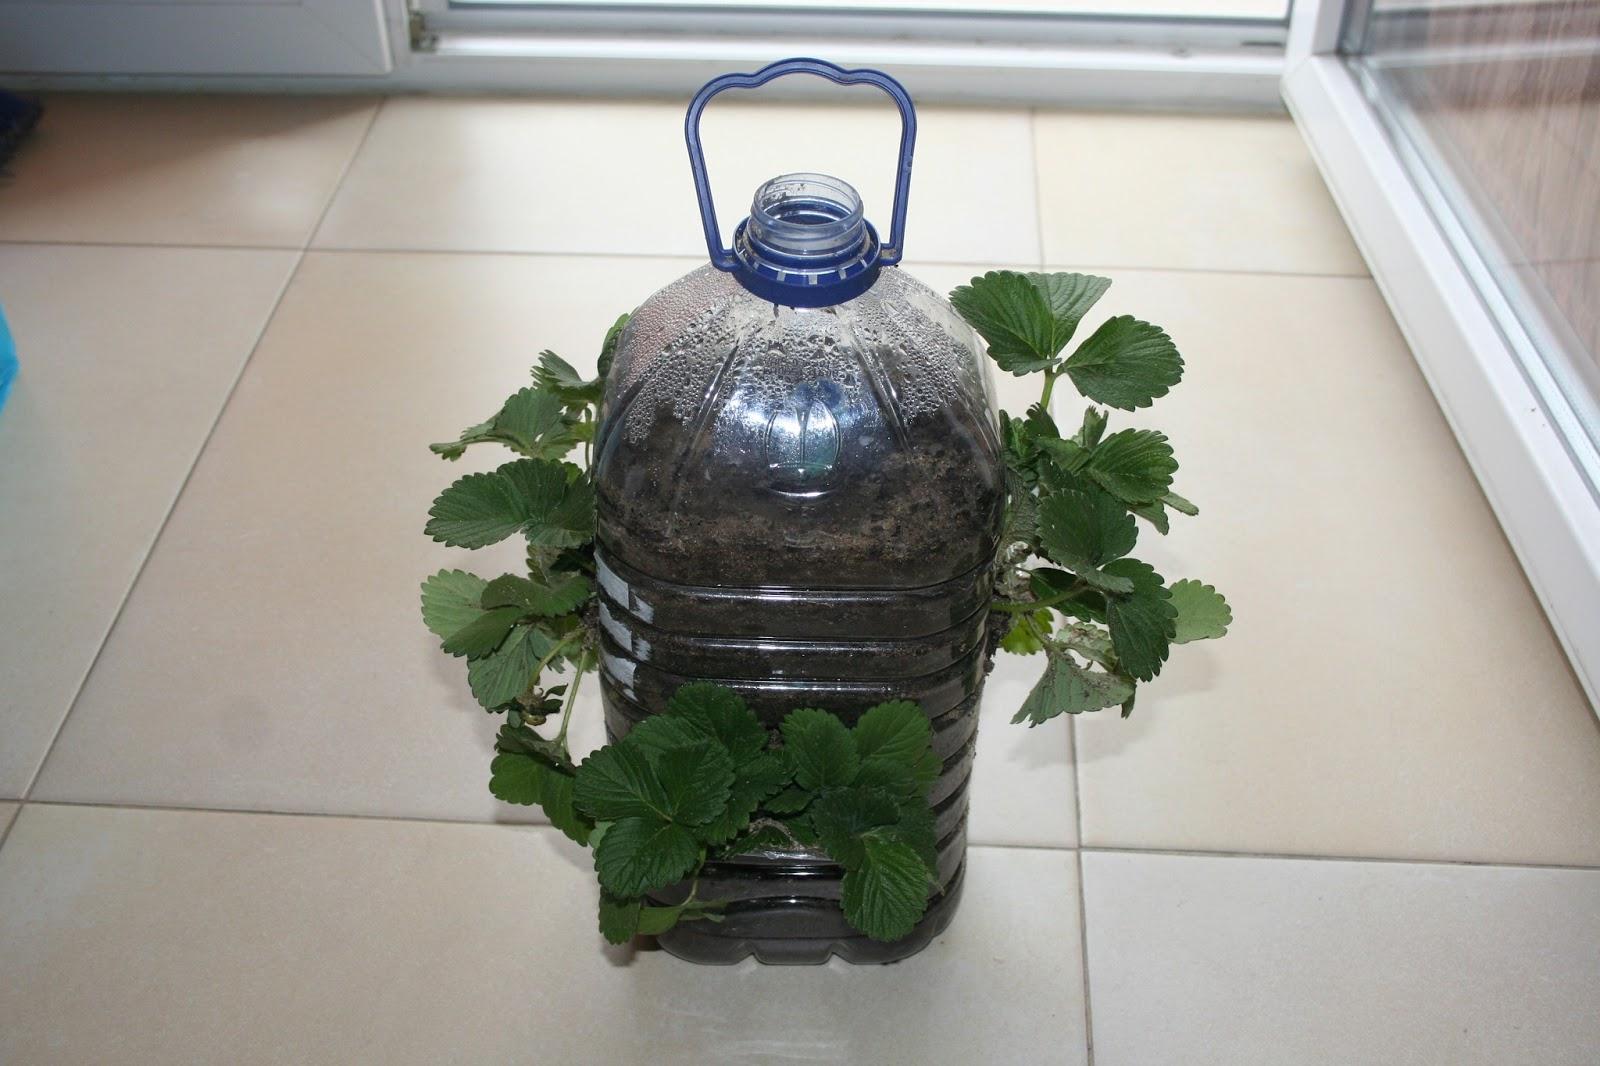 Amado Agricultura de Apartamento: Plantar morangos no seu apartamento KB26